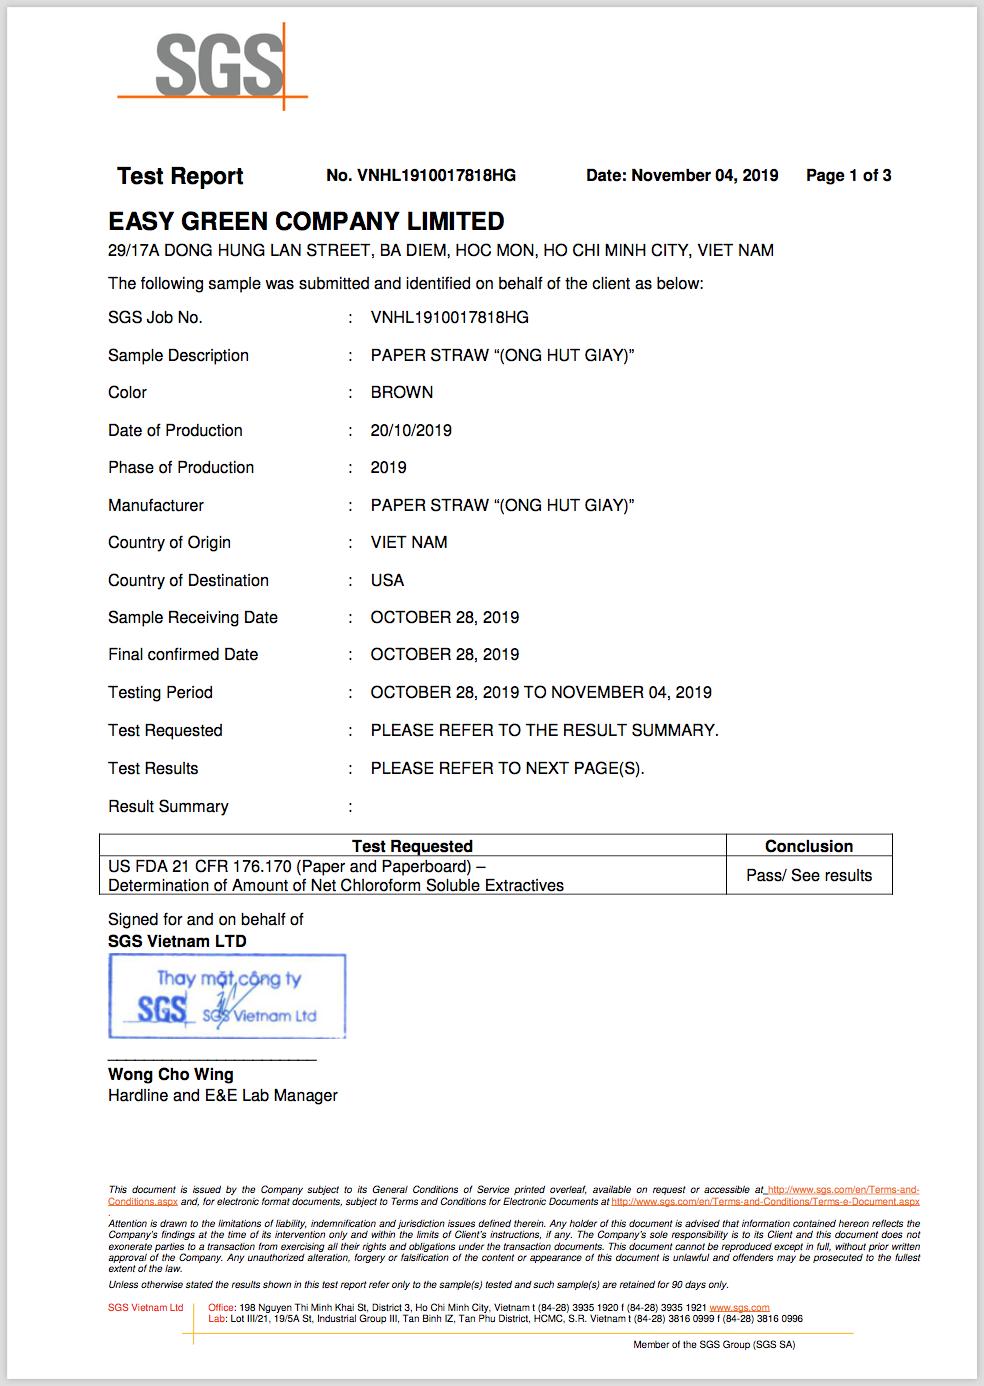 Ống hút giấy đạt tiêu chuẩn FDA cảu Hoa Kỳ do SGS cấp